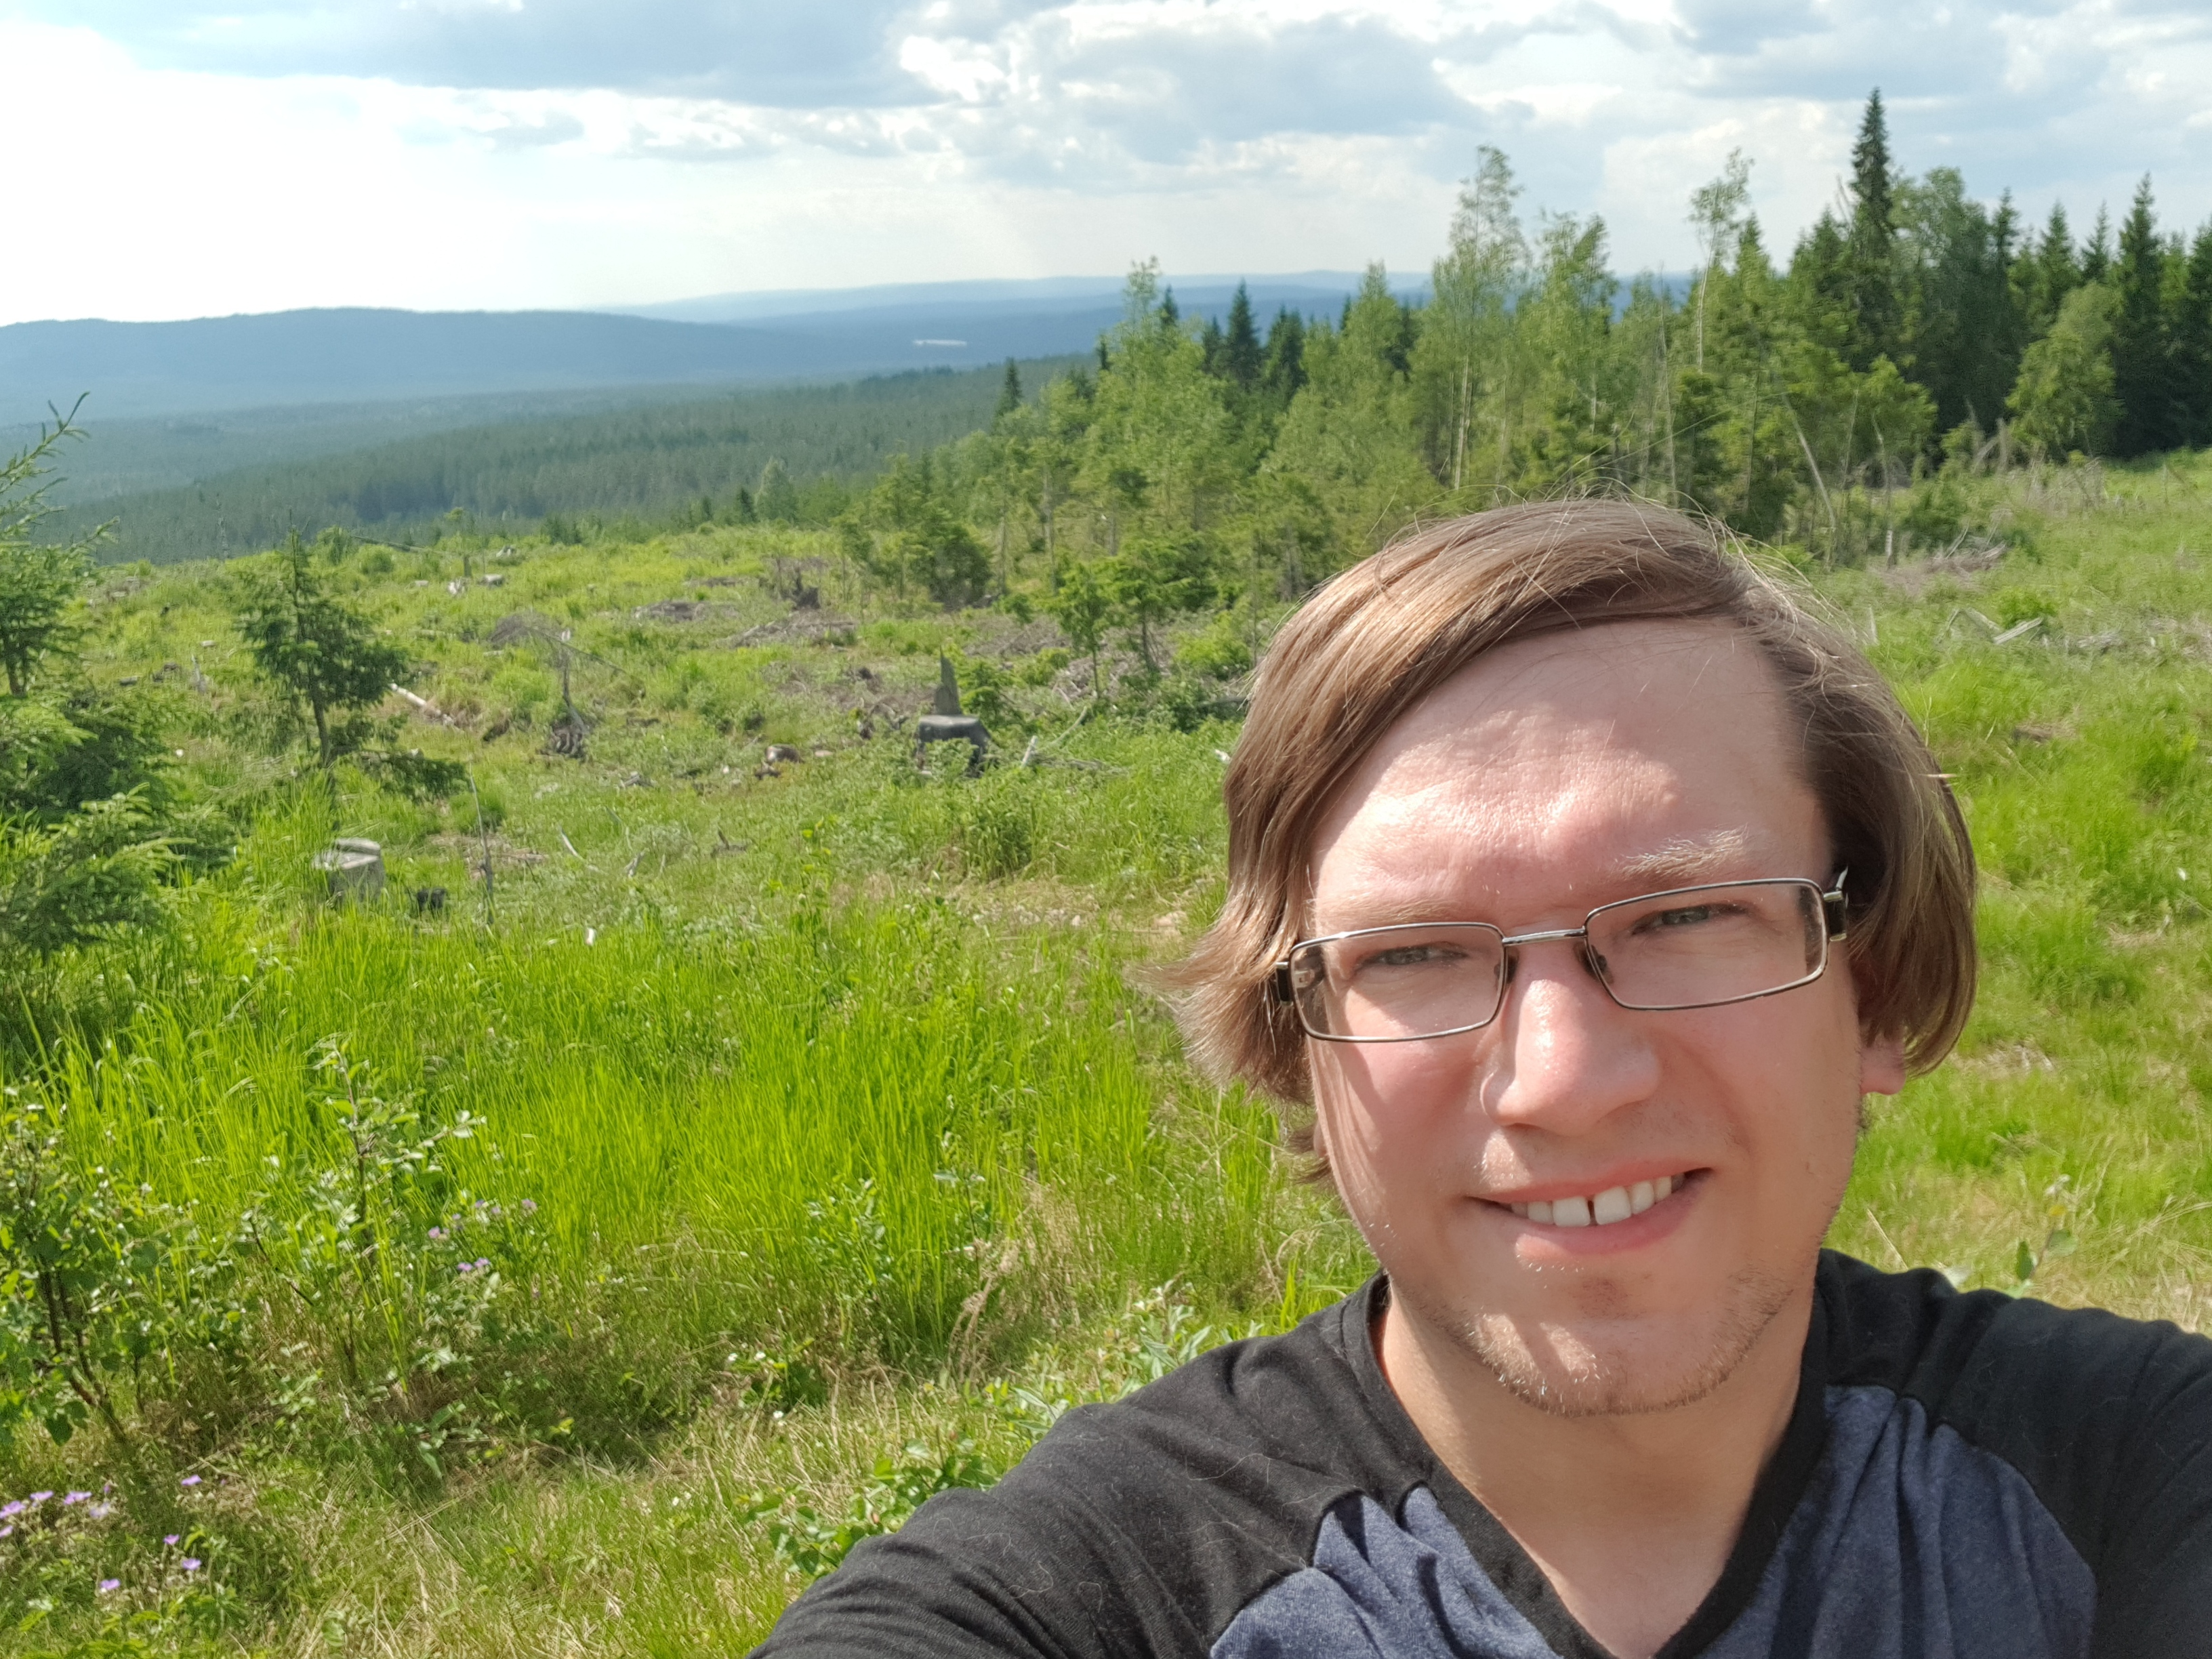 PÅ TOPP: Finnes det bedre sted å ta inn Sørskogbygda enn fra toppene? Ikke for Leif Tore Surén som gjerne nyter verden fra høyden. (Foto: Privat)